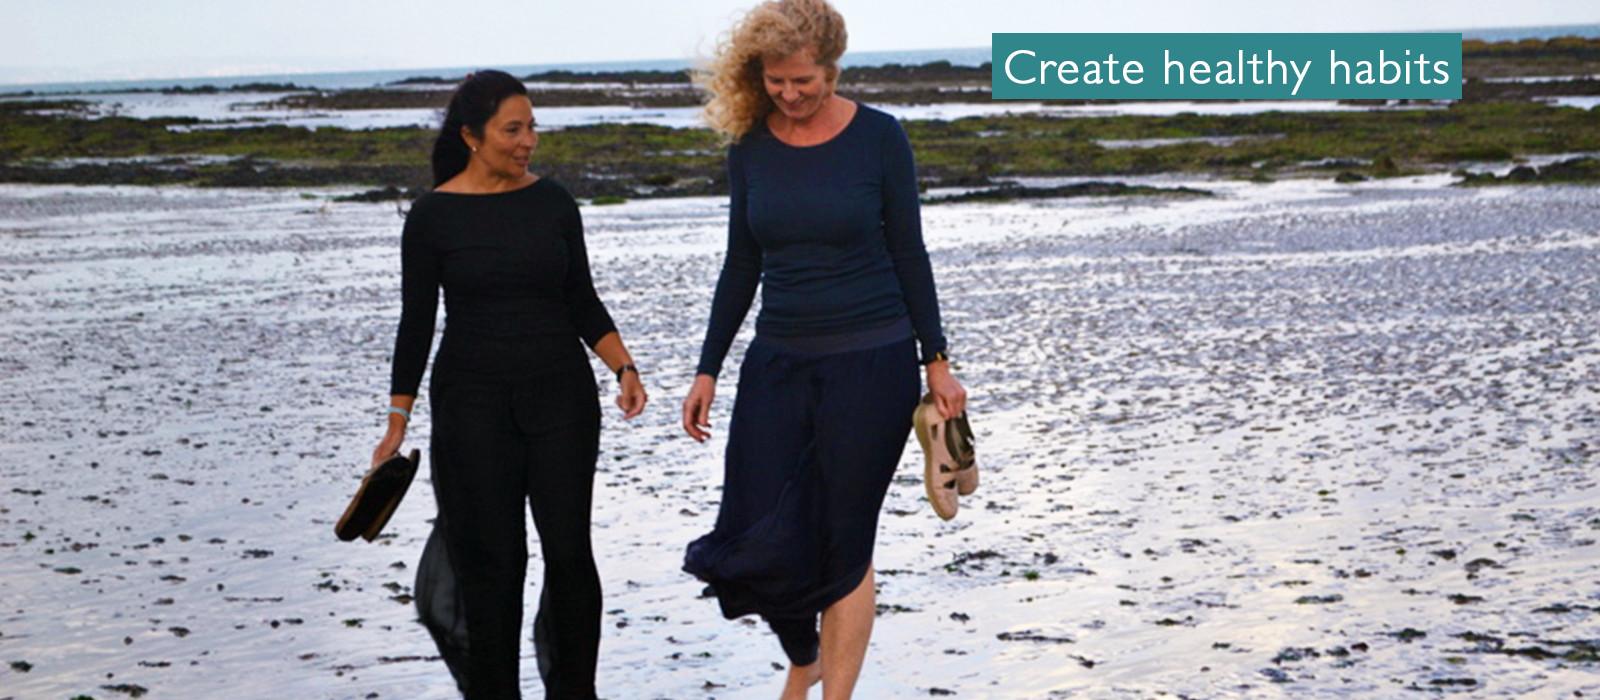 create-health-habits